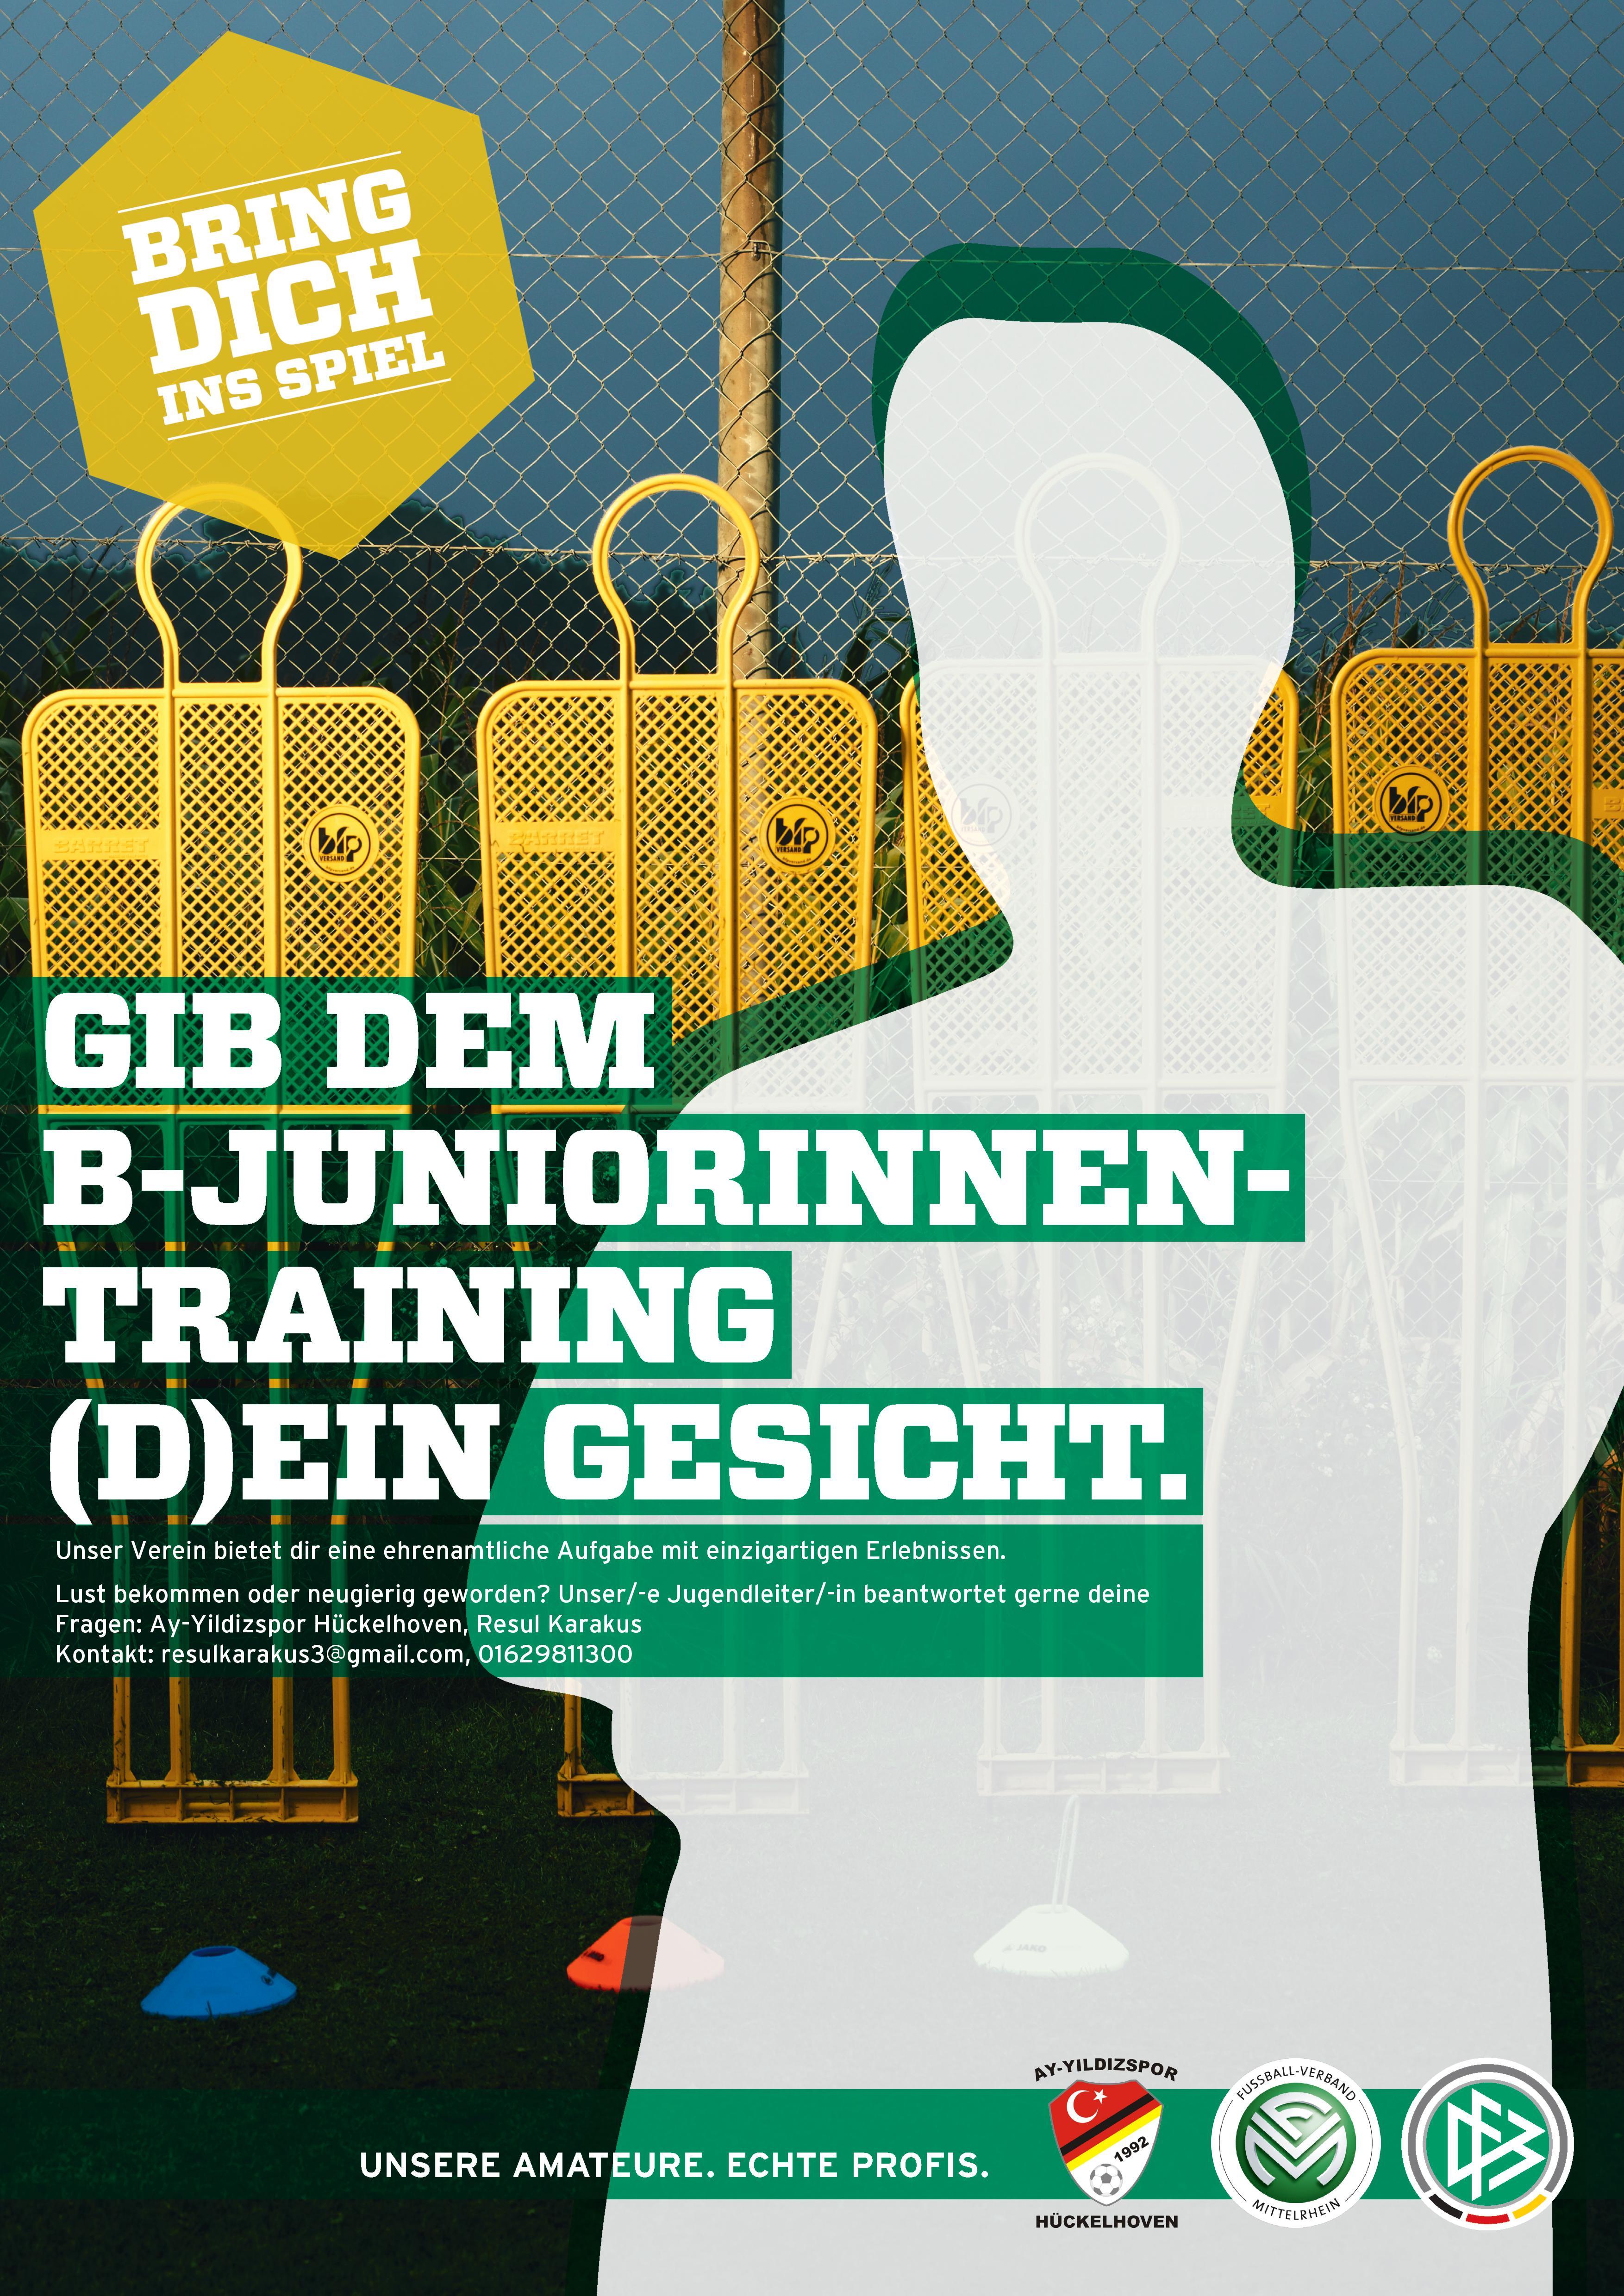 Trainer/Betreuer gesucht für B-Juniorinnen